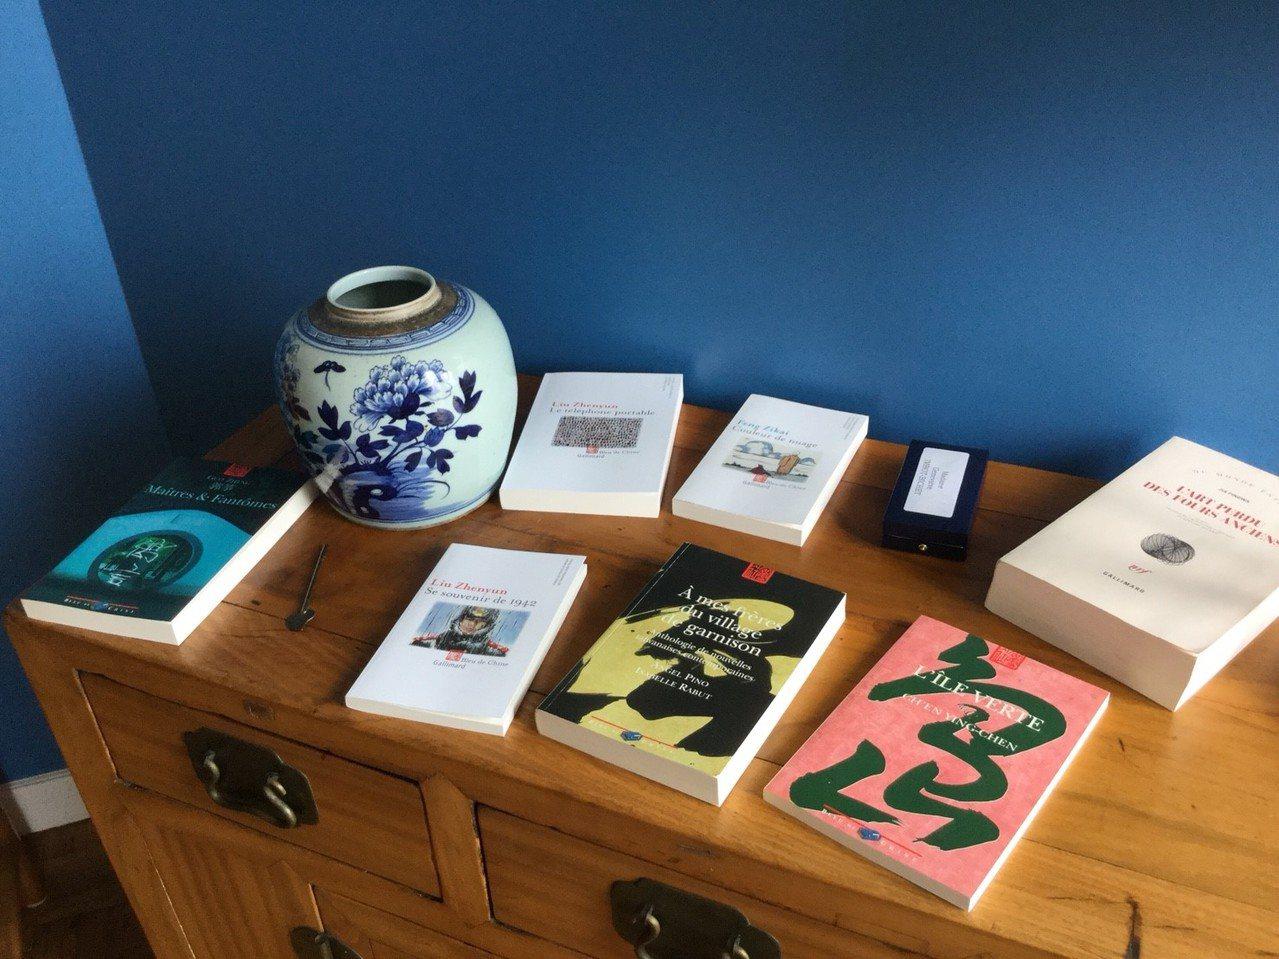 安博蘭所經營的中國藍出版社譯介許多華人作家著作。有行旅提供